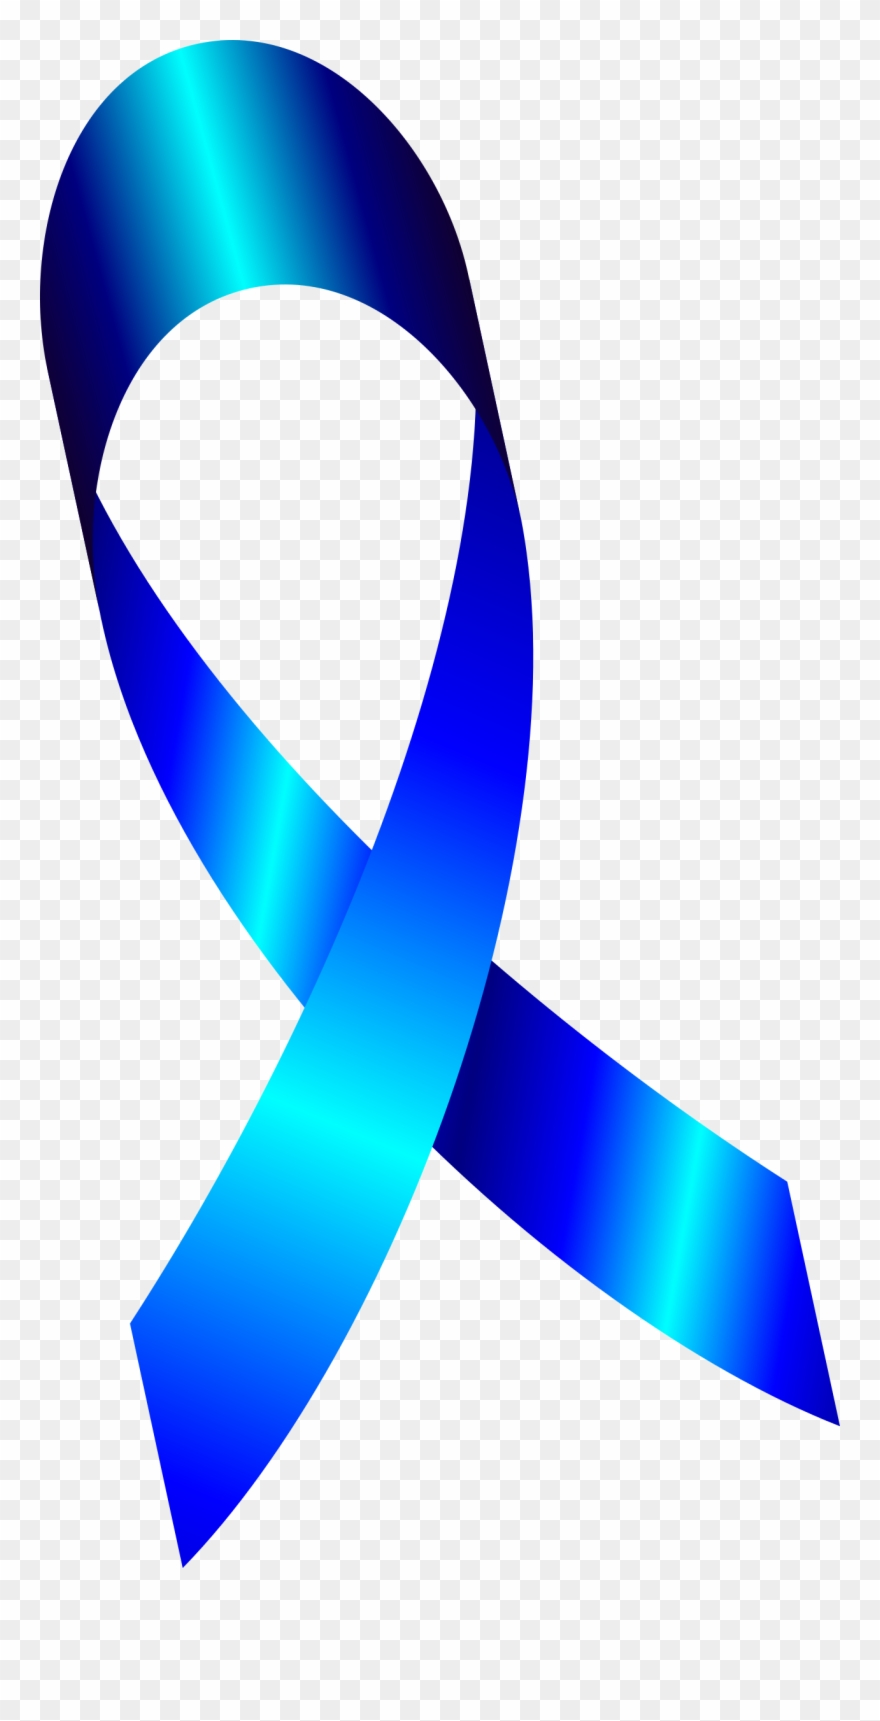 Clipart Novembro Azul Faixa Blue November Ribbon Liver.